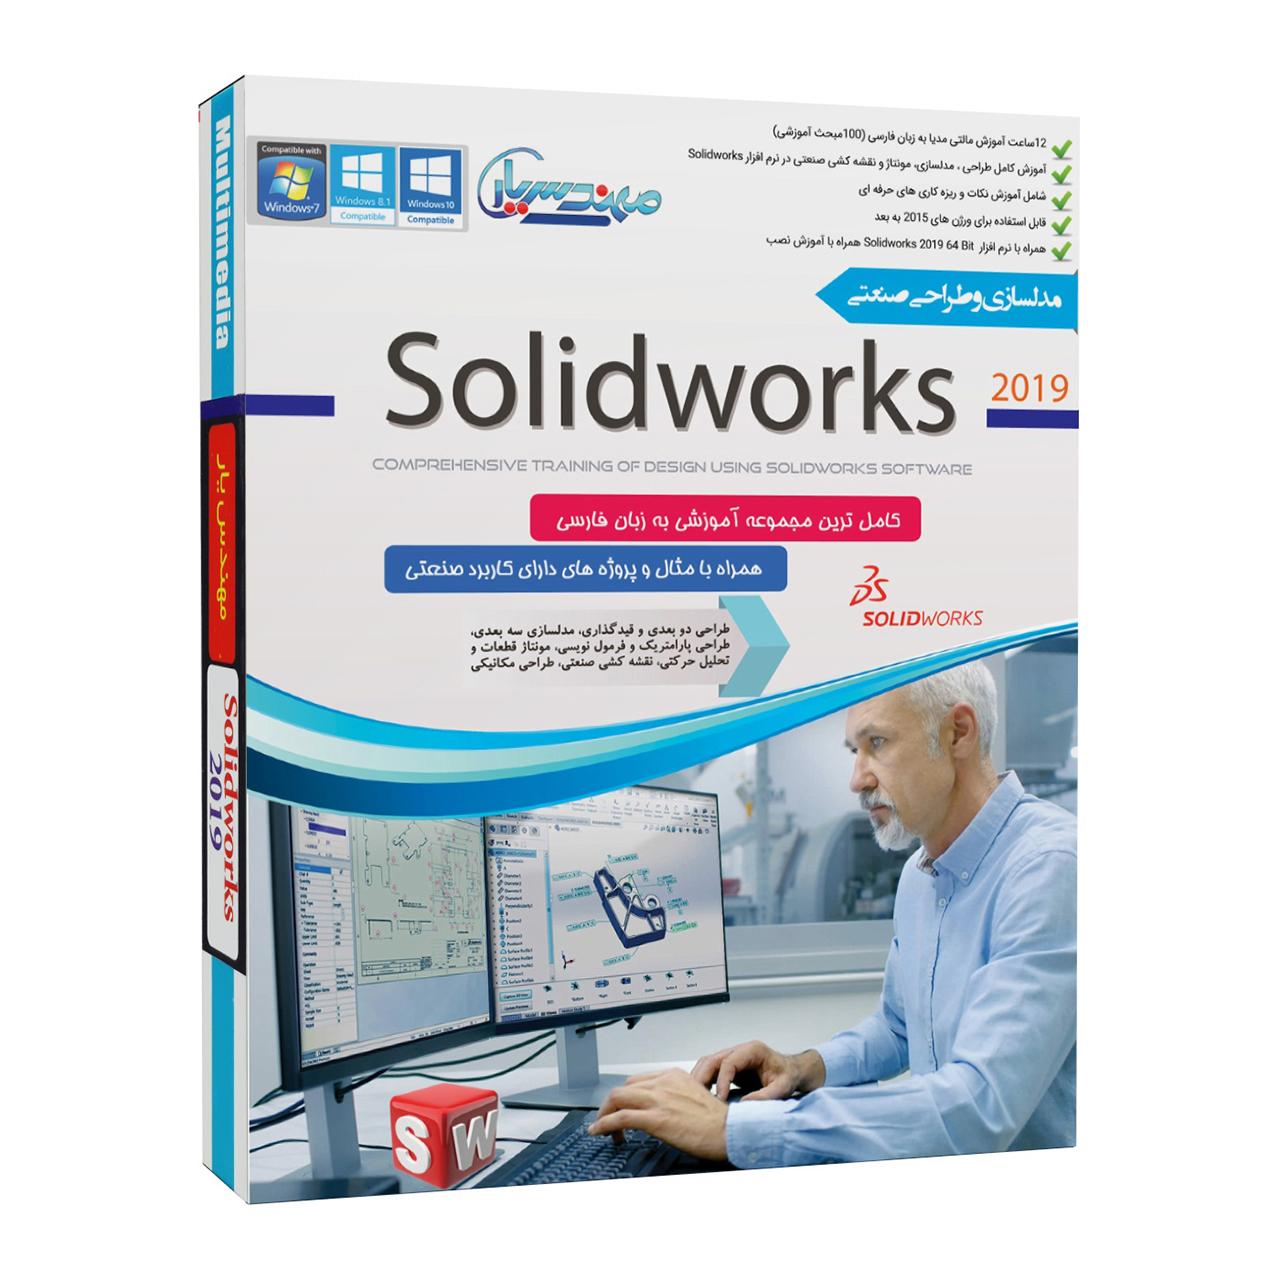 نرم افزار آموزش solidworks 2019 نشر مهندس یار